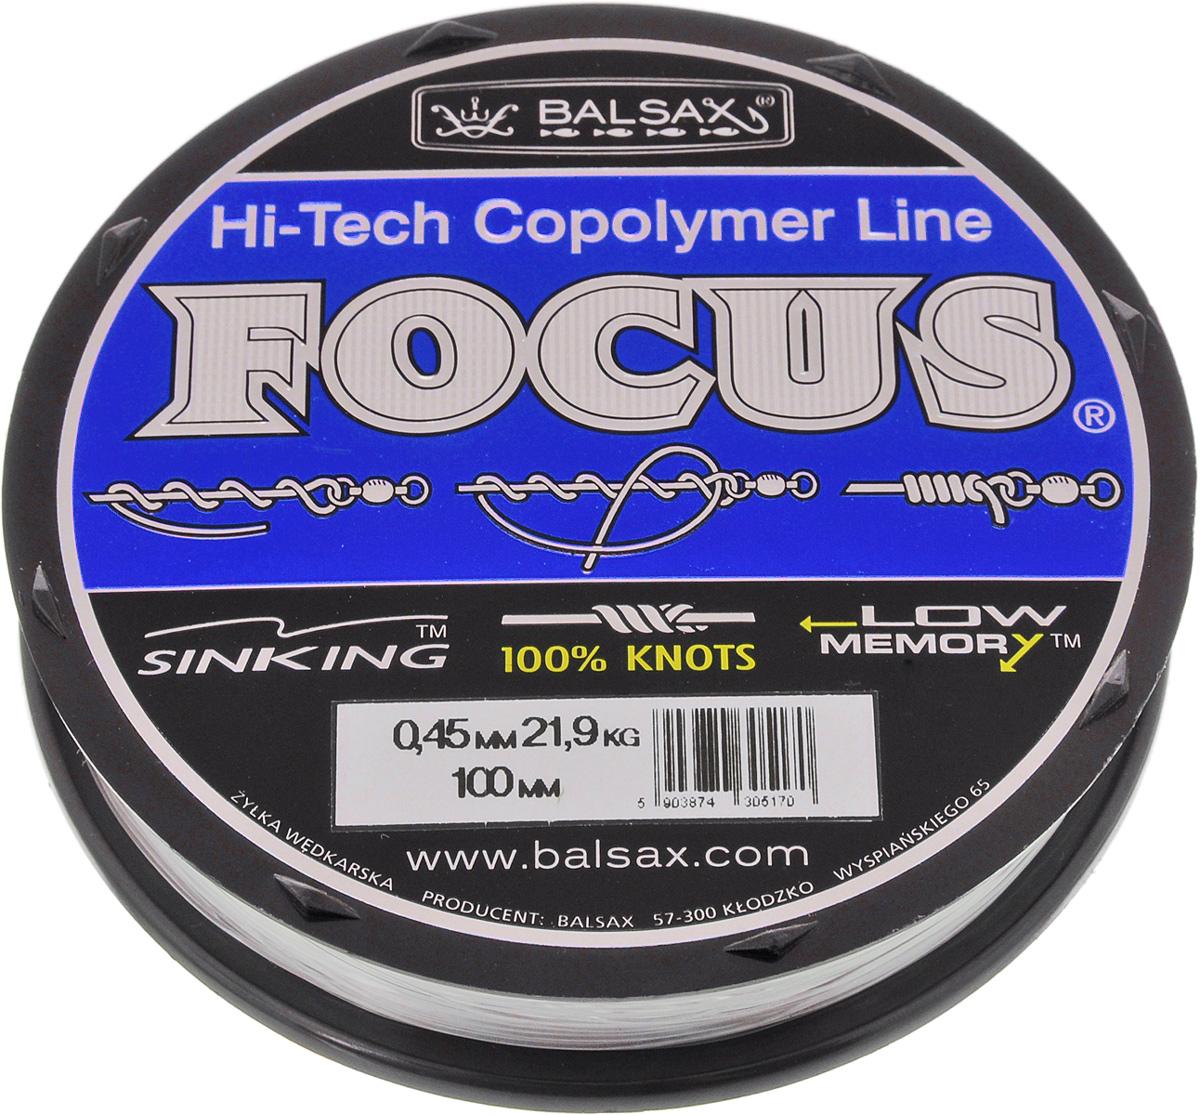 Леска Balsax Focus, 100 м, 0,45 мм, 21,9 кг59279Леска Balsax Focus практически идеально прозрачна, а значит, отлично подходит для ловли во всех водоемах, независимо от погодных условий. Очередной особенностью, повышающей достоинства данной лески, является ее стопроцентная сопротивляемость к деформации, что дает рыболовам уверенность в эффективных забросах, а также позволяет избежать безнадежного запутывания лески. Тесты на эластичность и упругость лески доказали, что последняя, пропорционально к другим особенностям, имеет необходимую растяжимость. Для рыболова это означает, что можно даже тащить очень крупную рыбу.